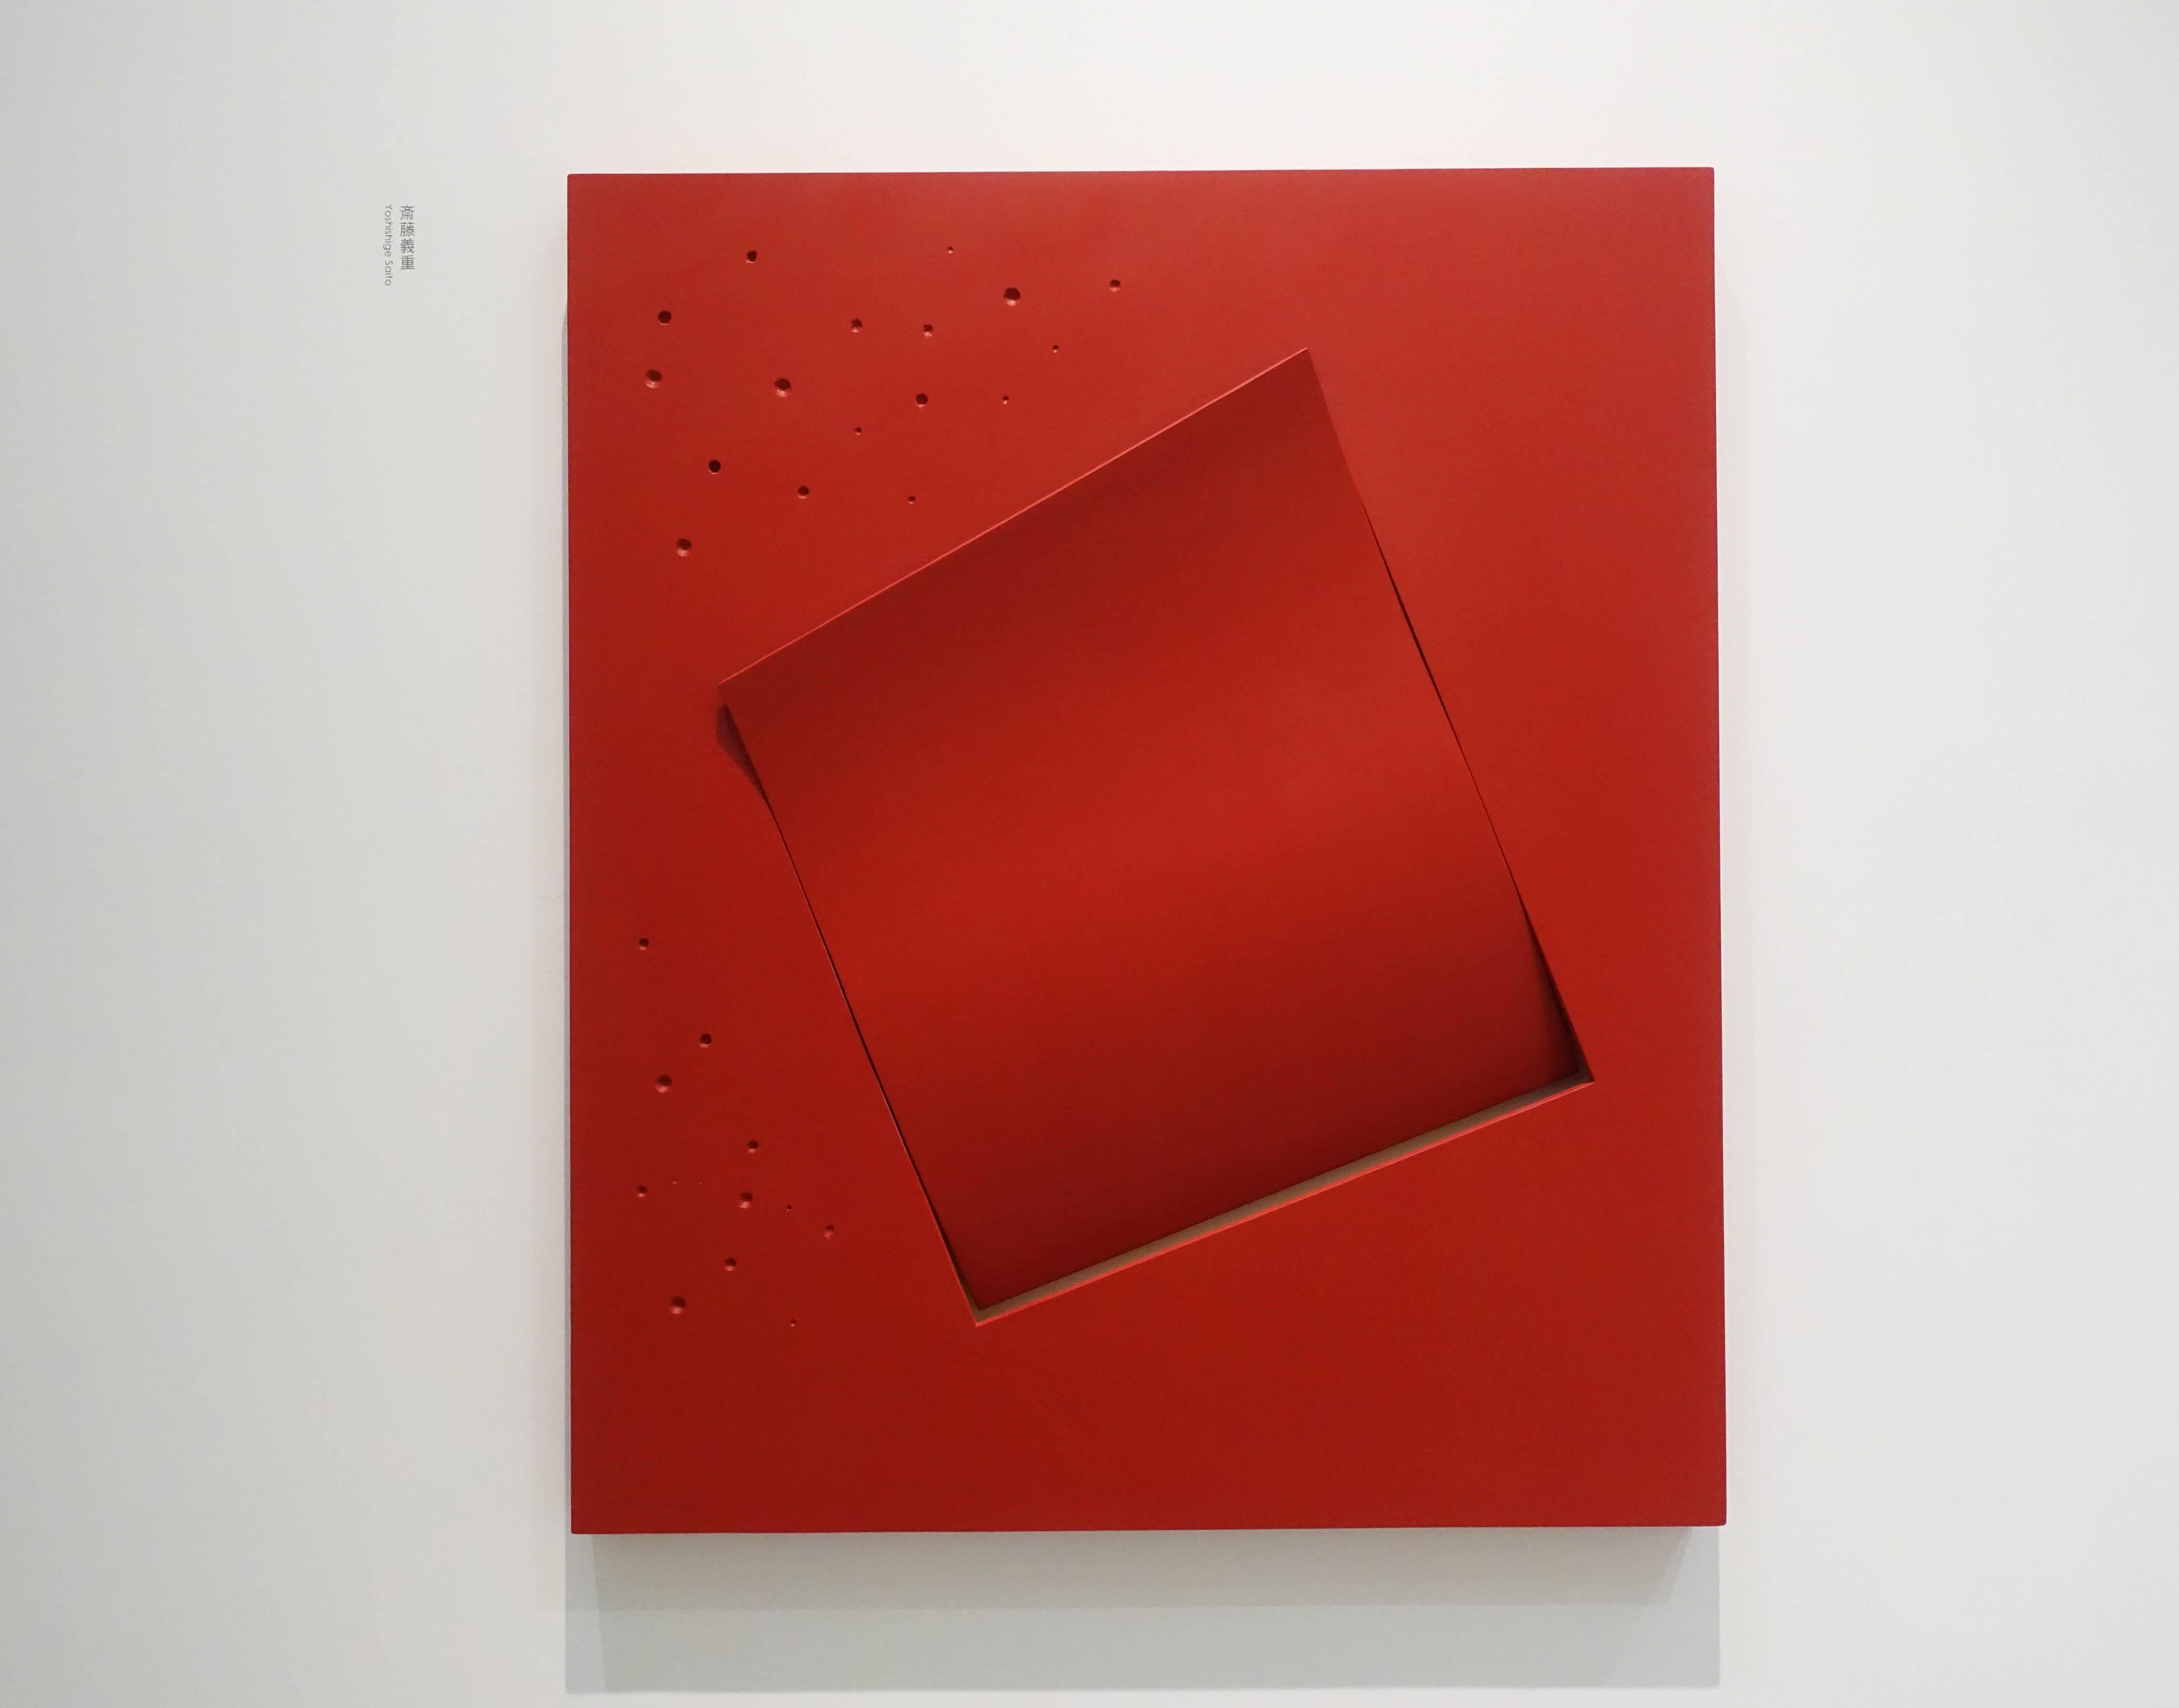 斎藤義重,《Shamentai》,108 x 91 x 9 cm,oil on plywood,1998。